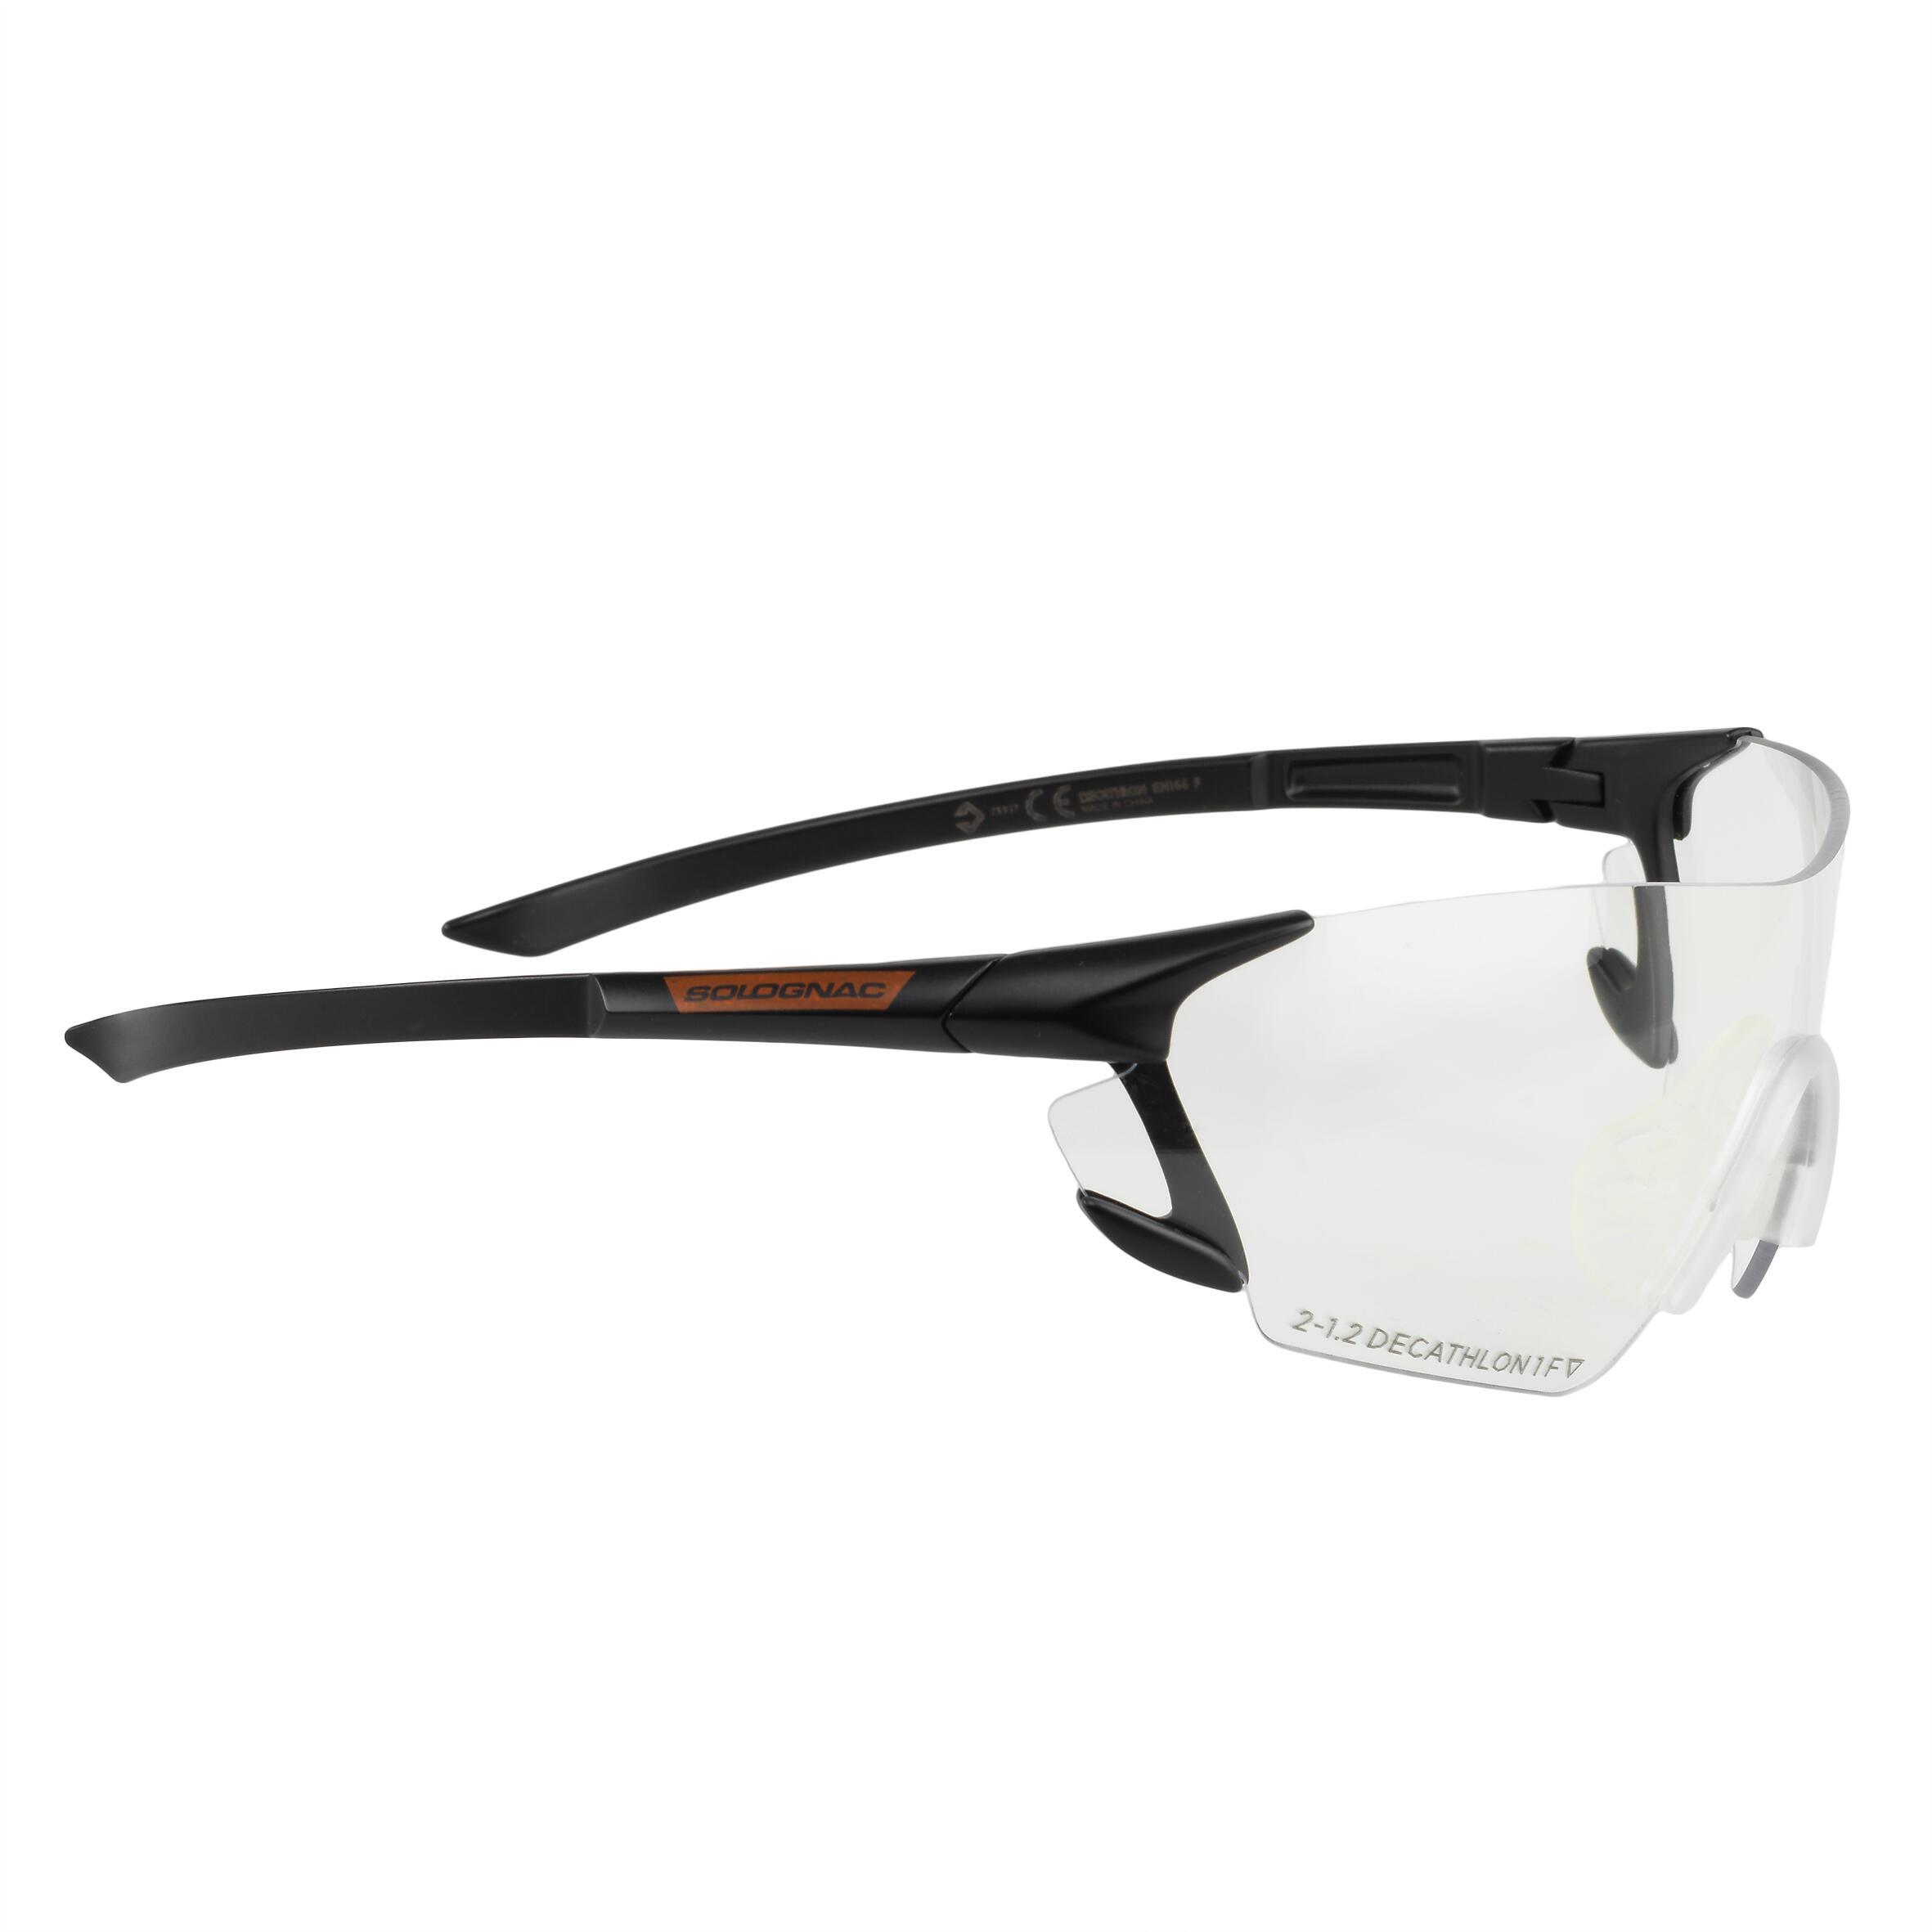 167c345abd Comprar Cascos y Protección del Cazador online | Decathlon